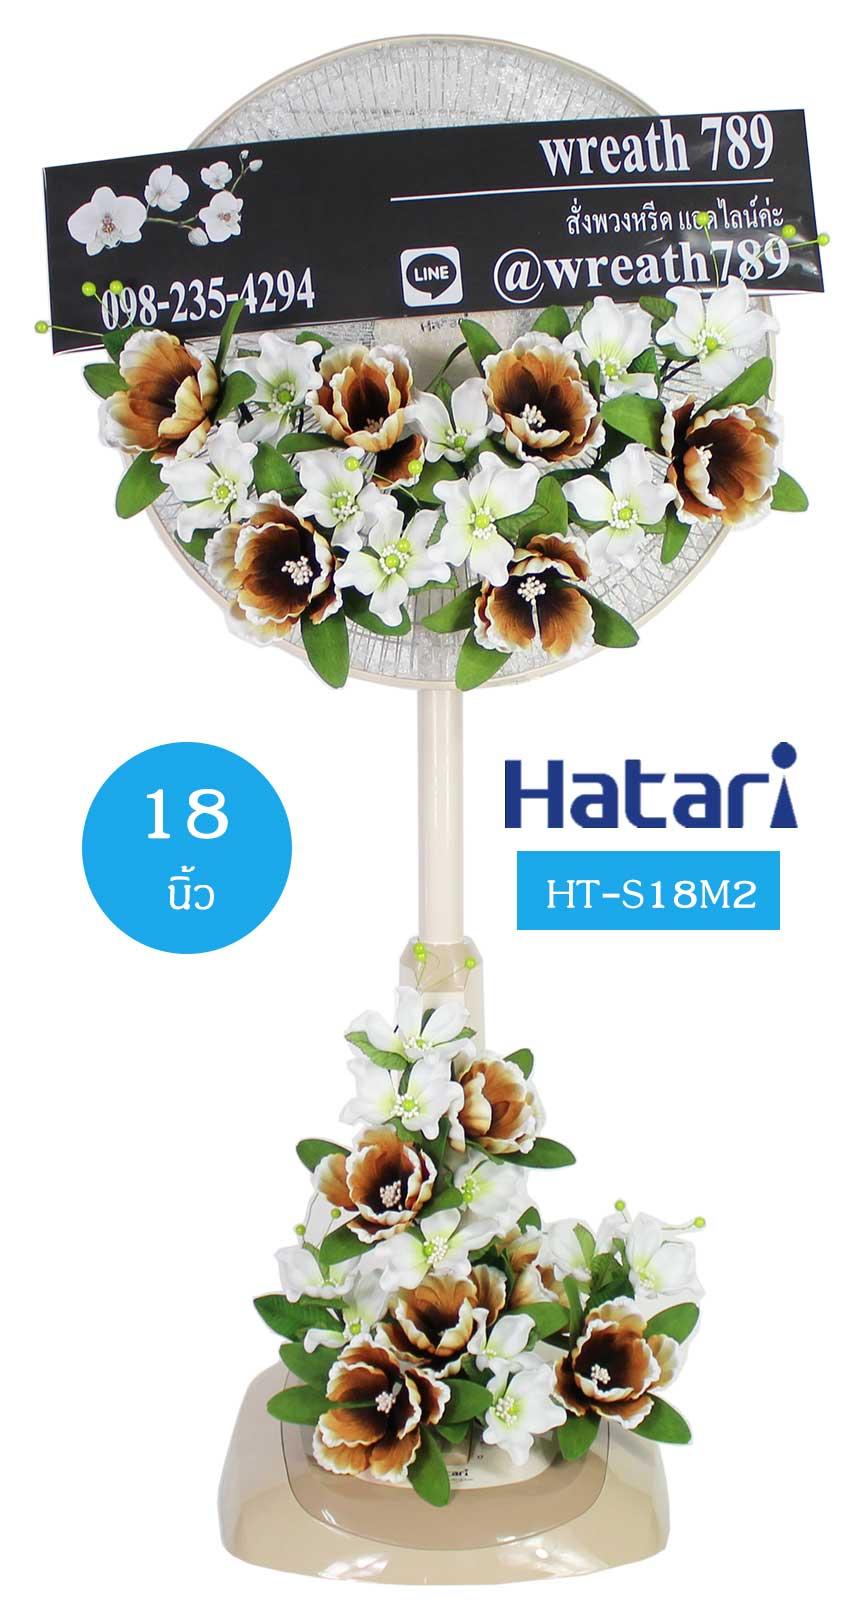 พวงหรีดพัดลม แบบที่612b ขนาด 18นิ้ว ดอกไม้โทนน้ำตาล